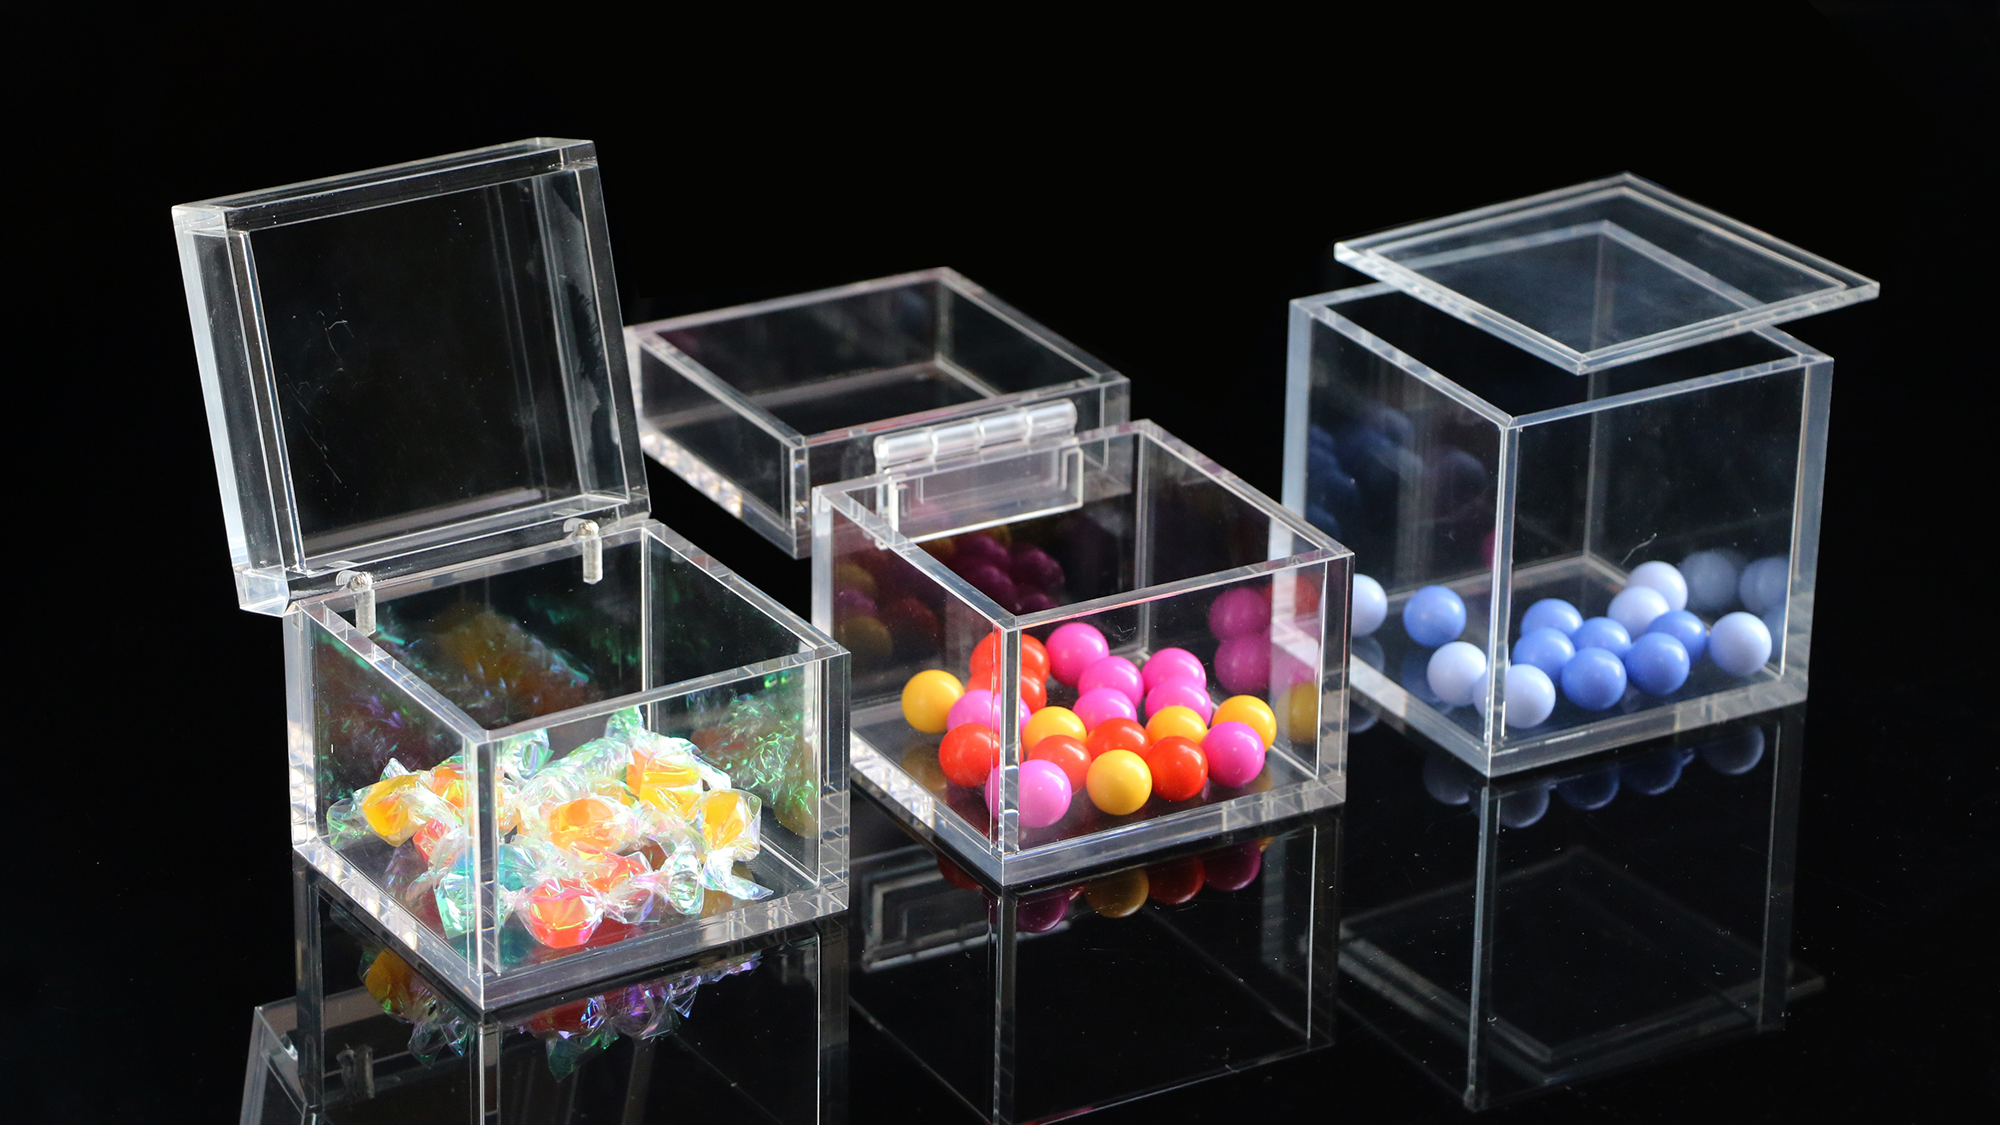 ขายส่งที่กำหนดเองราคาถูกClearสีขาวขนาดใหญ่Plexiglassกล่องบรรจุภัณฑ์สี่เหลี่ยมผืนผ้าอะคริลิคเก็บกล่อง